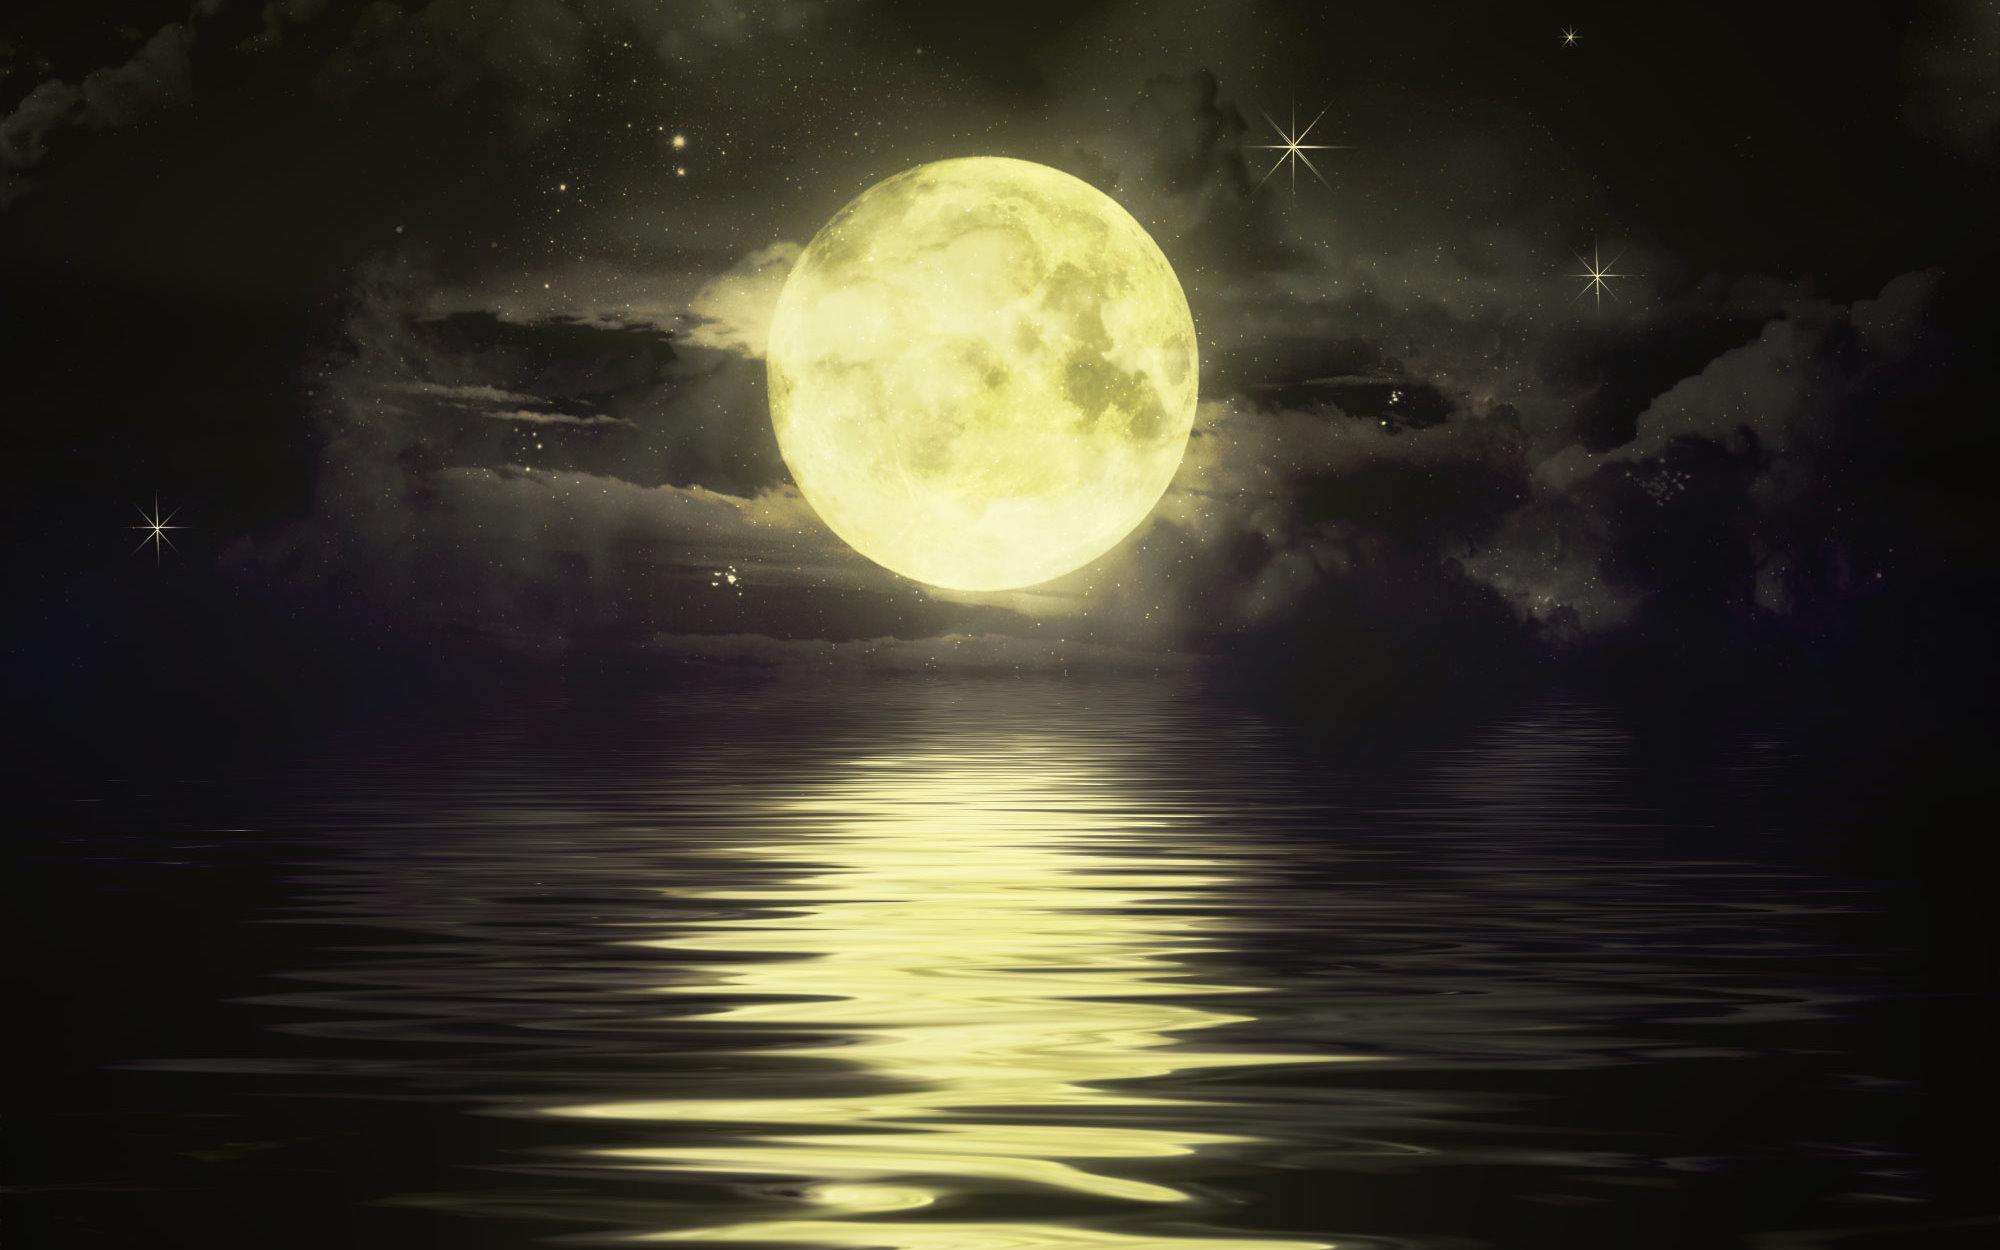 Moonlight 2000x1250